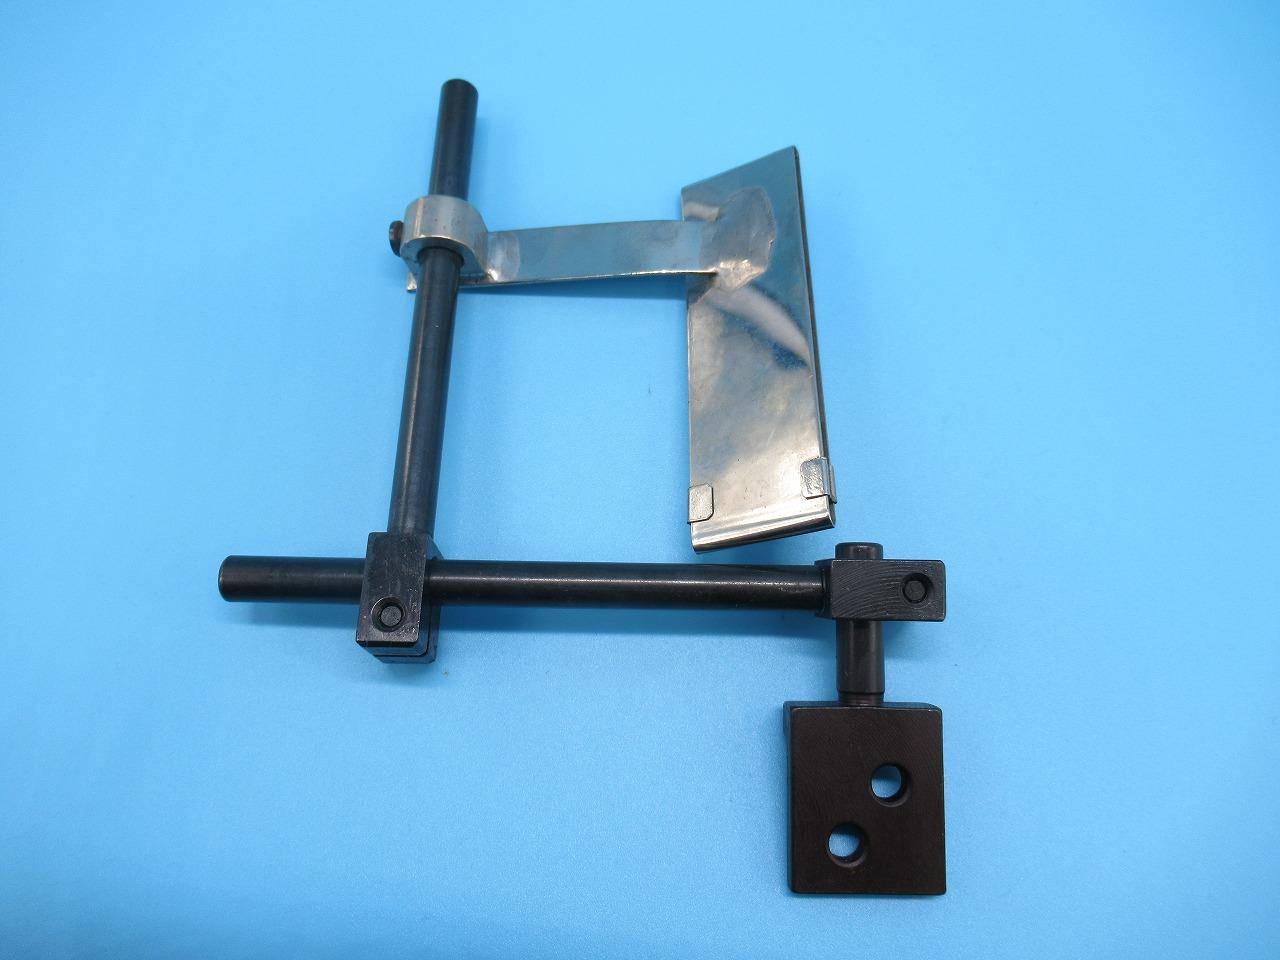 新品 メーカー直売 各メーカー工業用ミシンに対応します テープ幅70mmまで調節可能です テープ付け案内アタッチメント 在庫限り